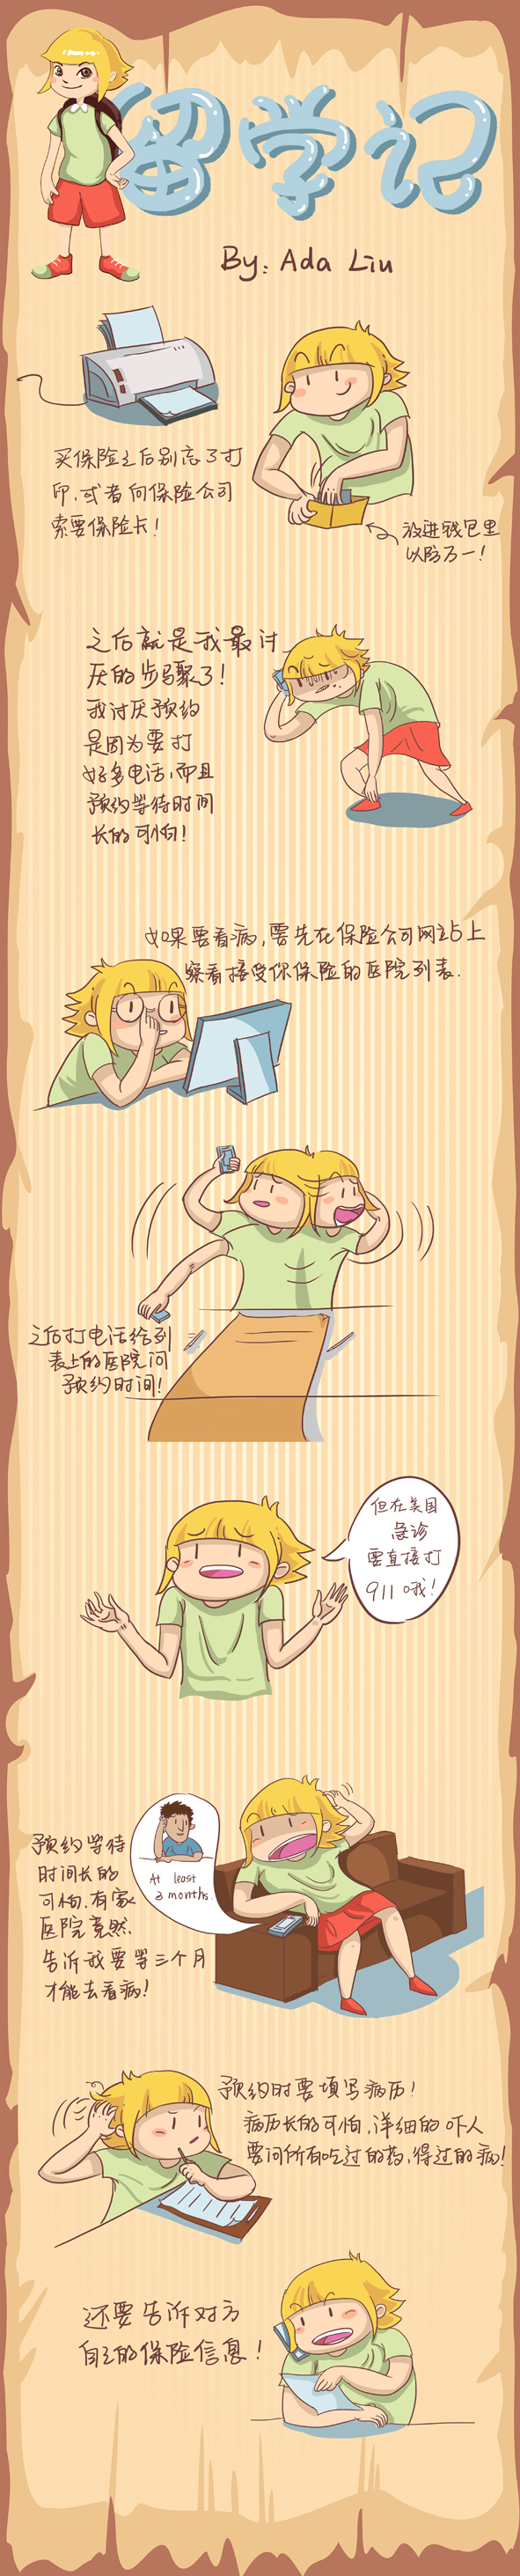 查看《留学记漫画连载——痘痘与医保1》原图,原图尺寸:591x2926